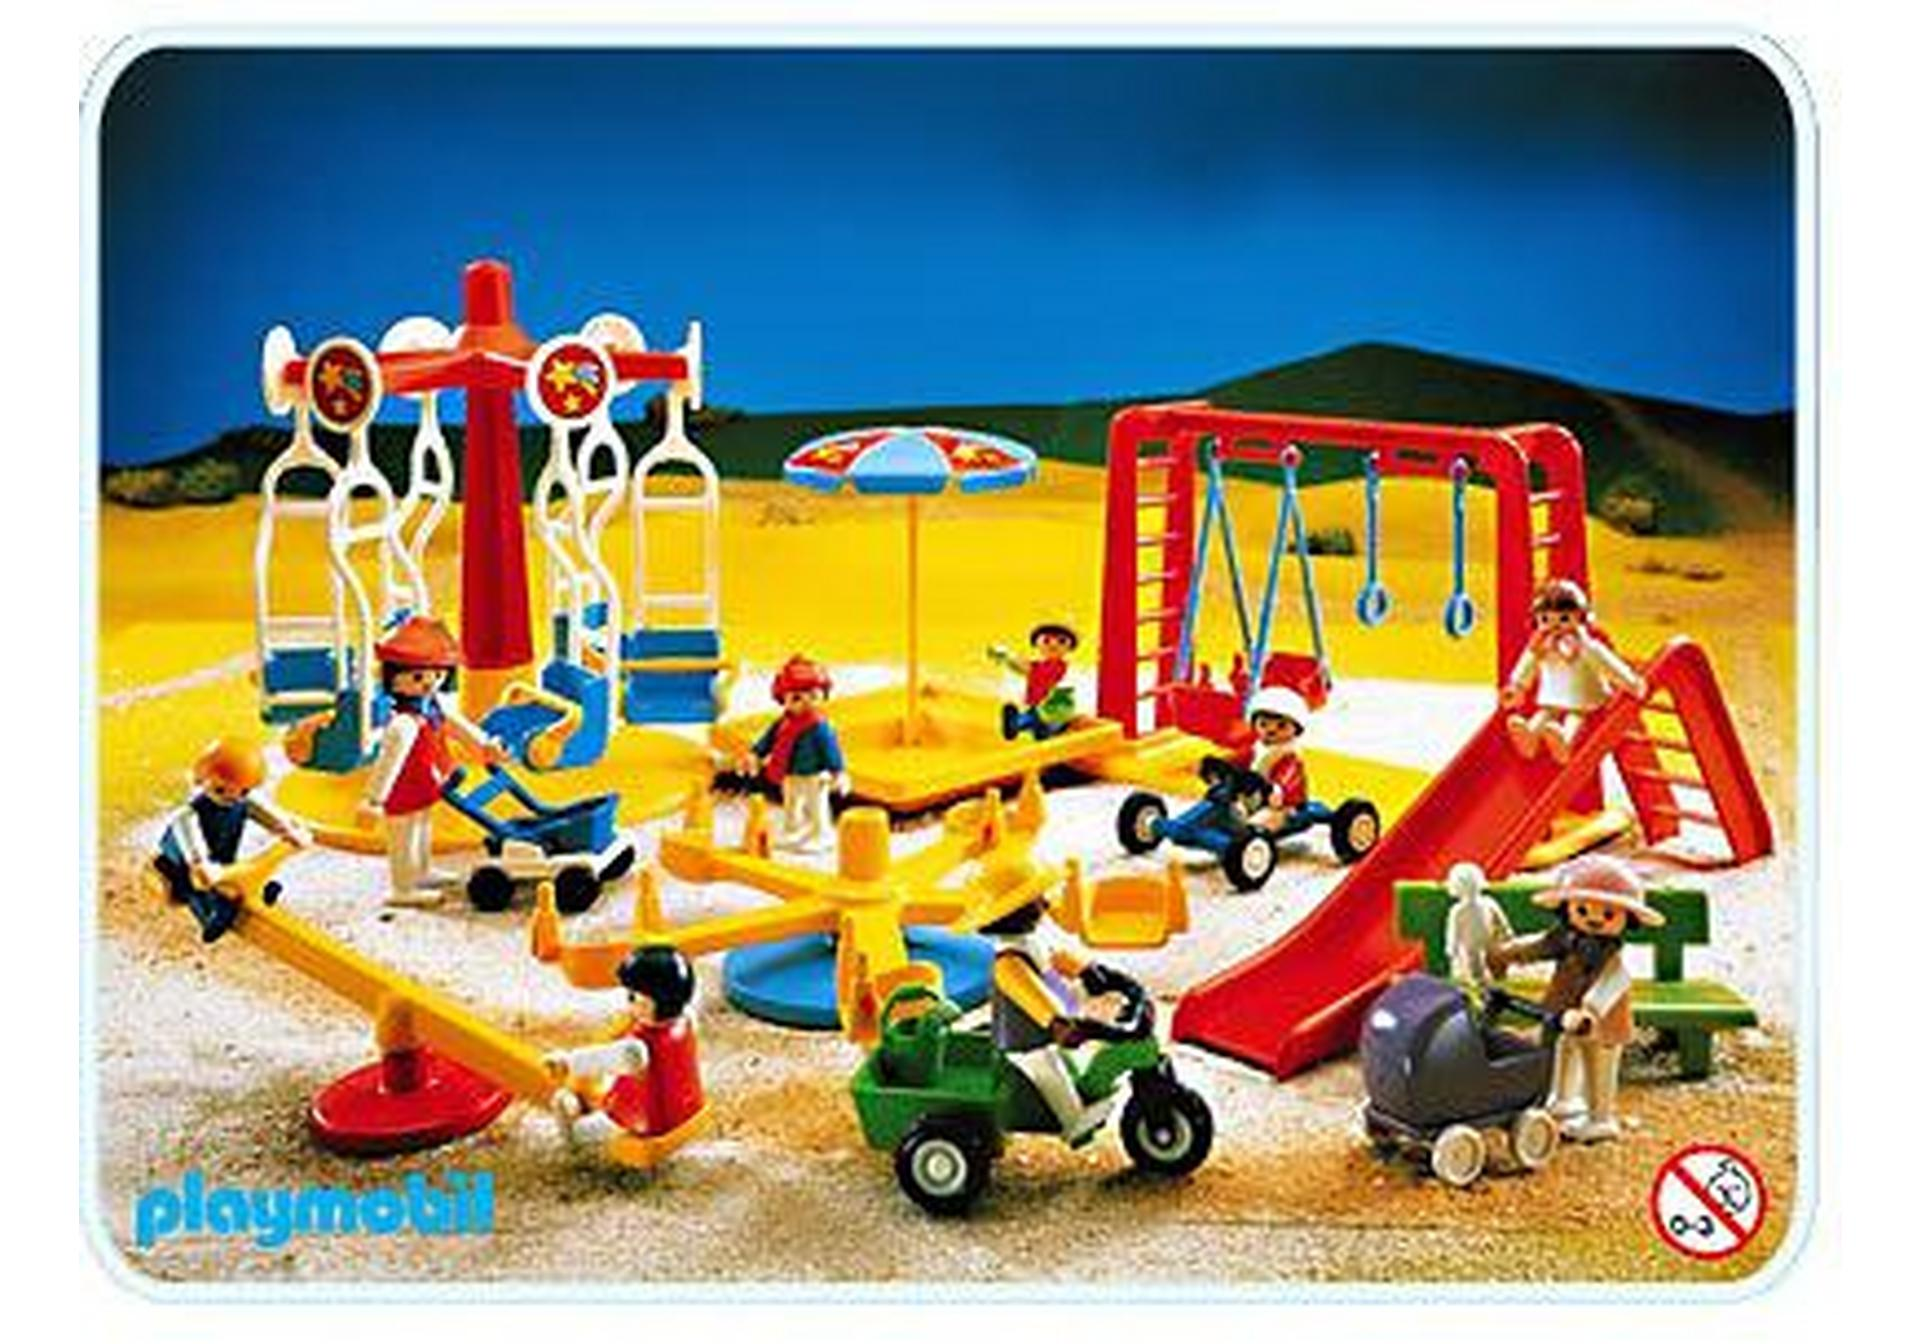 Spielplatz geschenkset 3223 a playmobil sterreich for Jugendzimmer playmobil